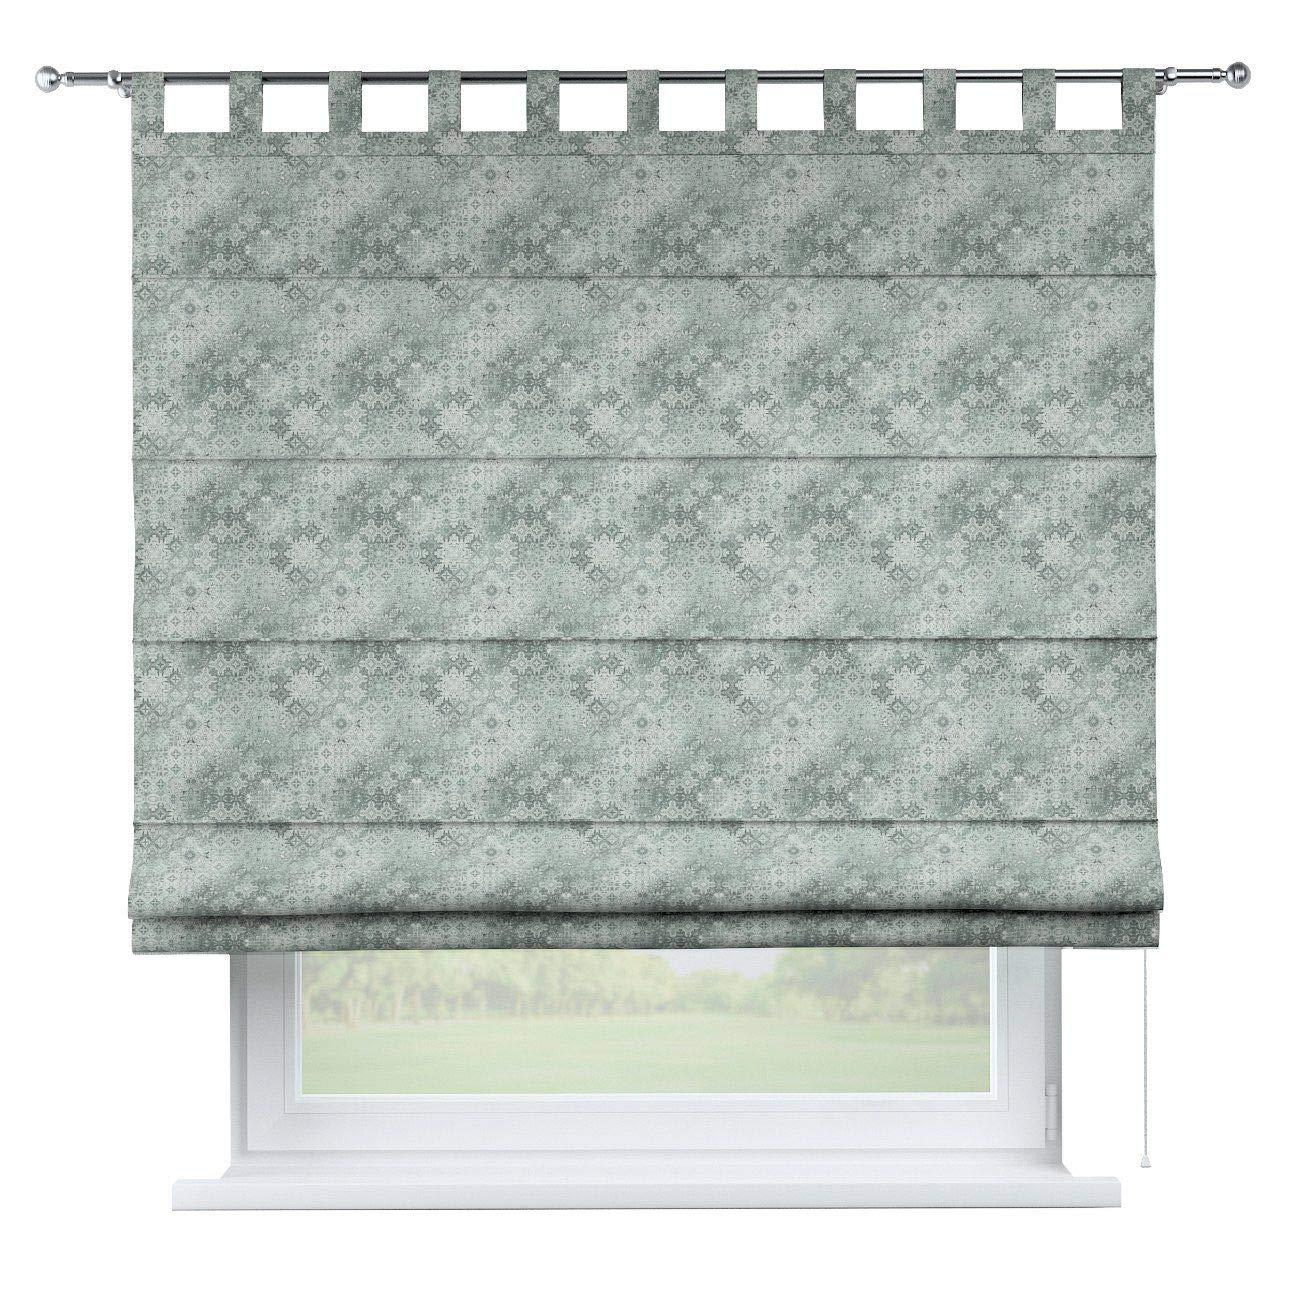 Dekoria Raffrollo Verona ohne Bohren Blickdicht Faltvorhang Raffgardine Wohnzimmer Schlafzimmer Kinderzimmer 80 × 170 cm grau- mintgrün Raffrollos auf Maß maßanfertigung möglich